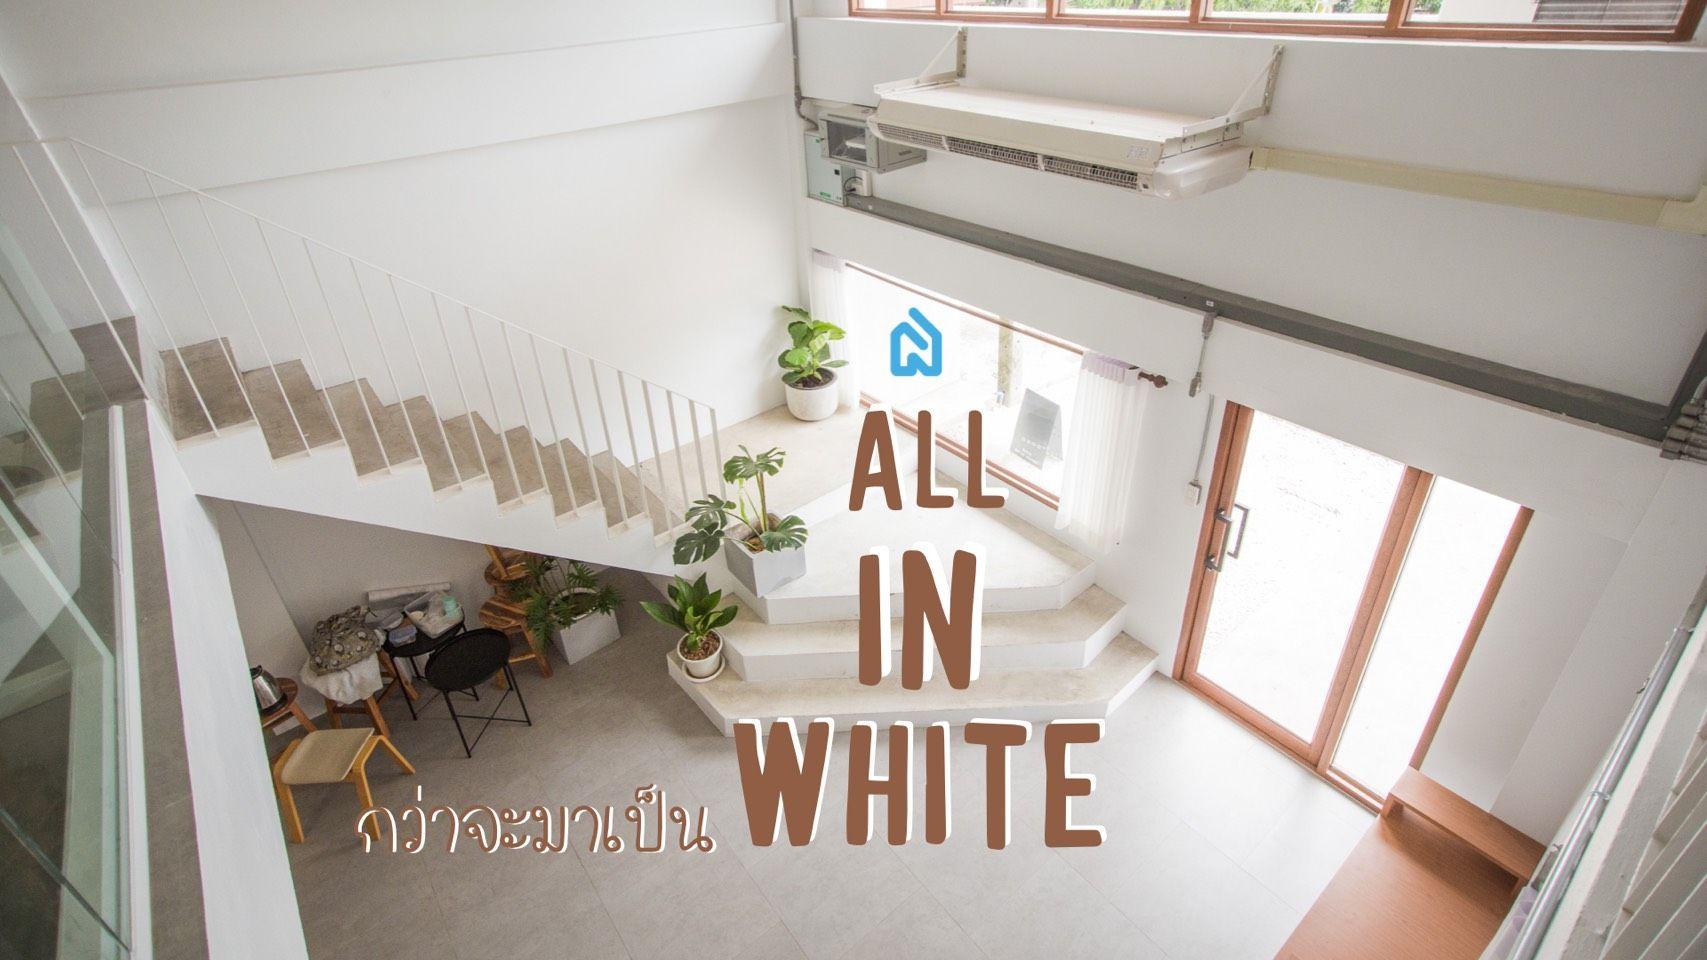 """""""All in white Cafe'""""- คาเฟ่สำหรับคนรักกาเเฟเเละการถ่ายรูป!!"""